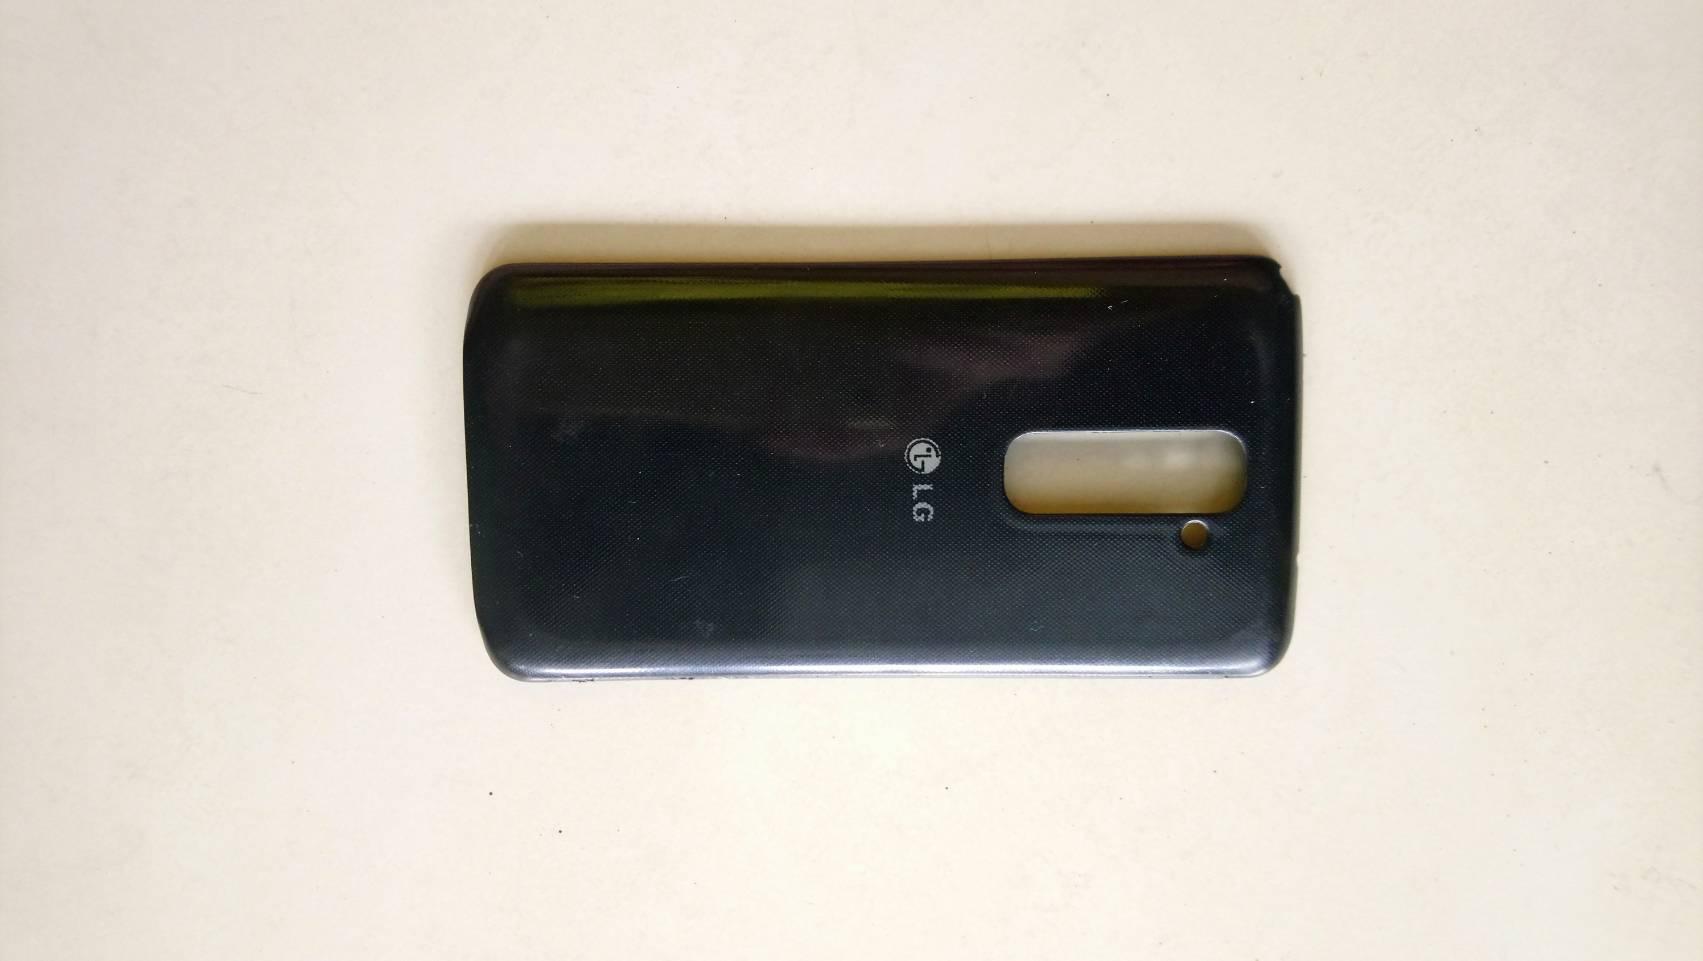 ฝาหลังสีดำ LG G2 F320 / D800 มือสอง